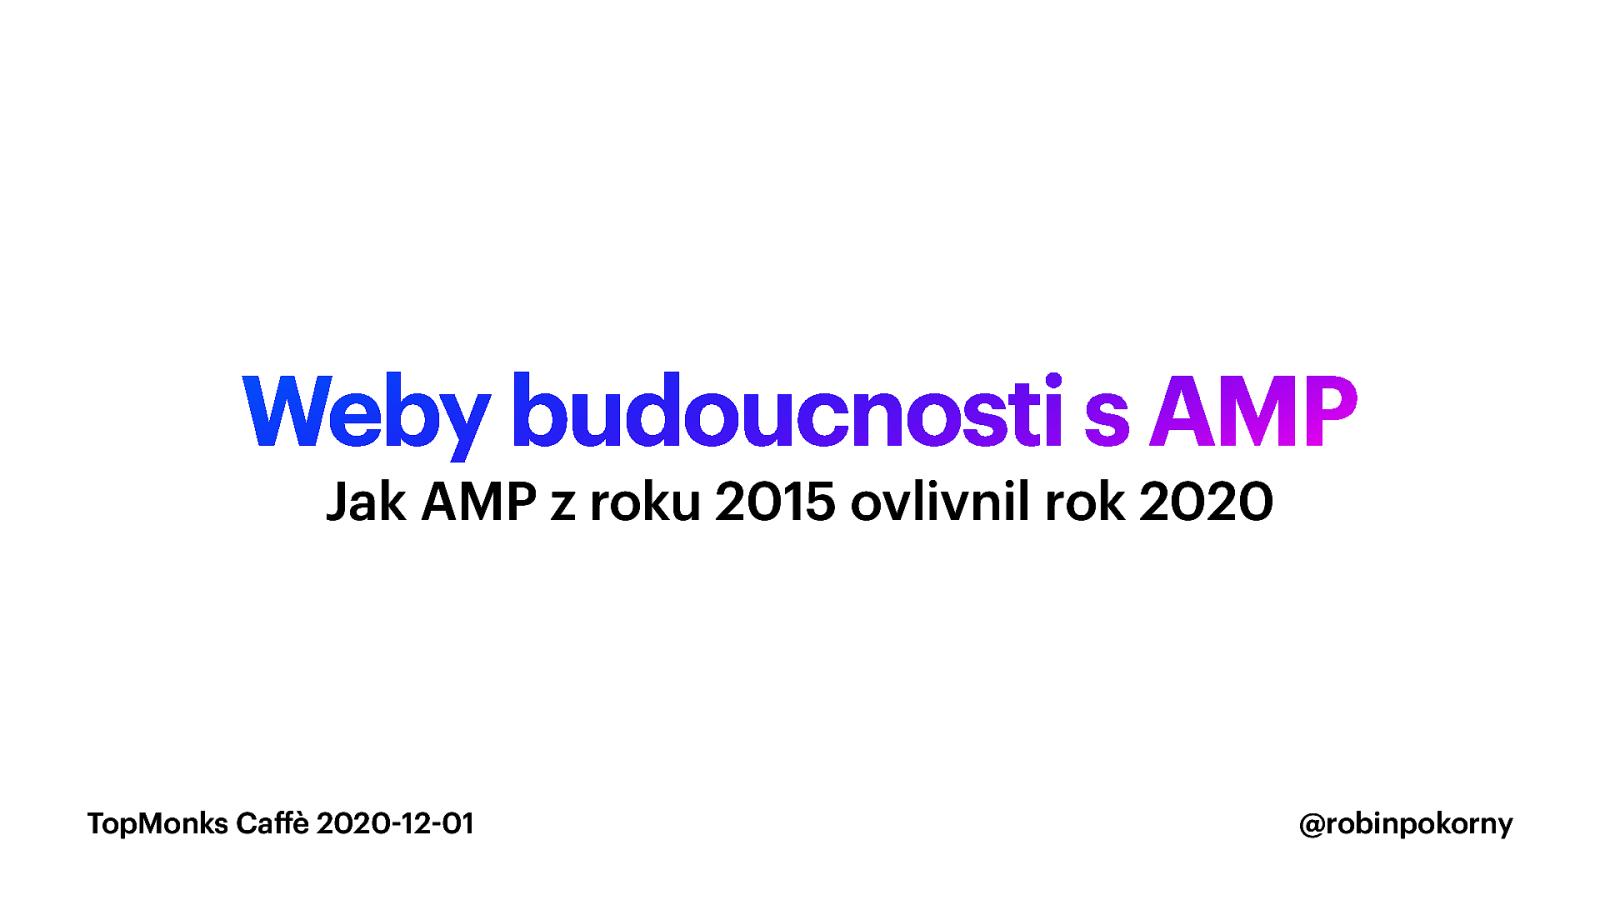 Weby budoucnosti s AMP